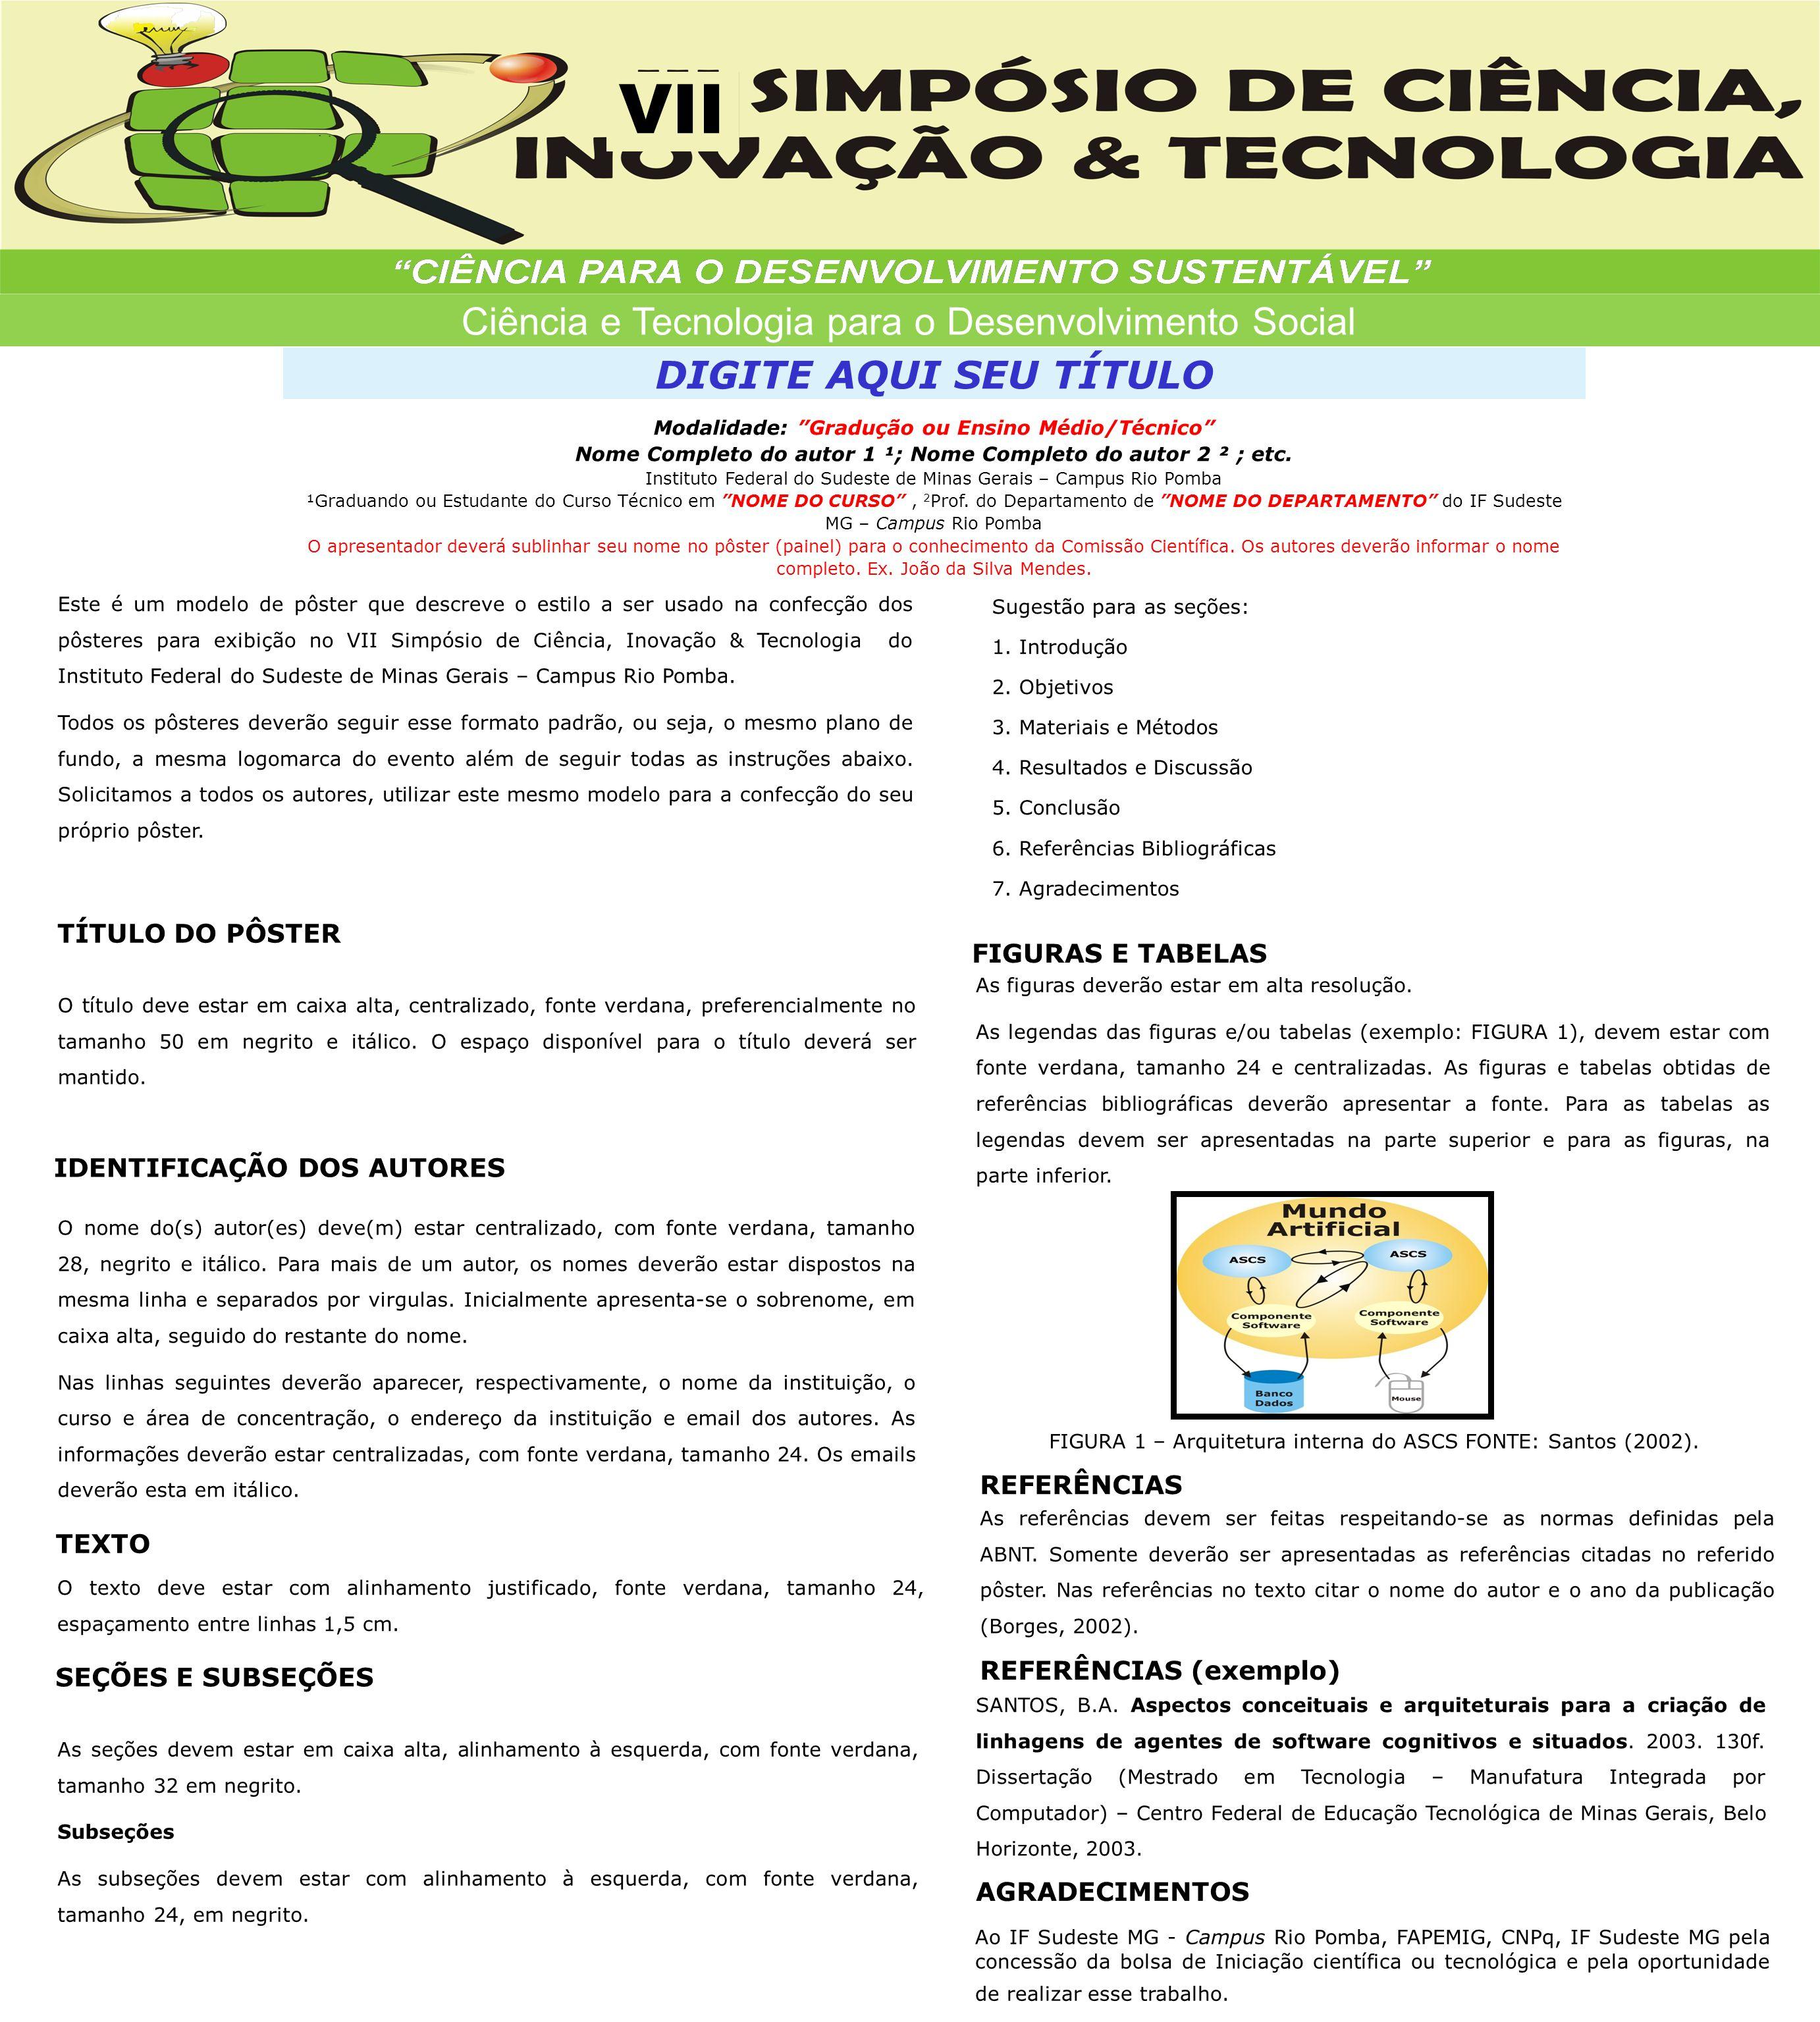 Ciência e Tecnologia para o Desenvolvimento Social VII DIGITE AQUI SEU TÍTULO Modalidade: Gradução ou Ensino Médio/Técnico Nome Completo do autor 1 ¹; Nome Completo do autor 2 ² ; etc.